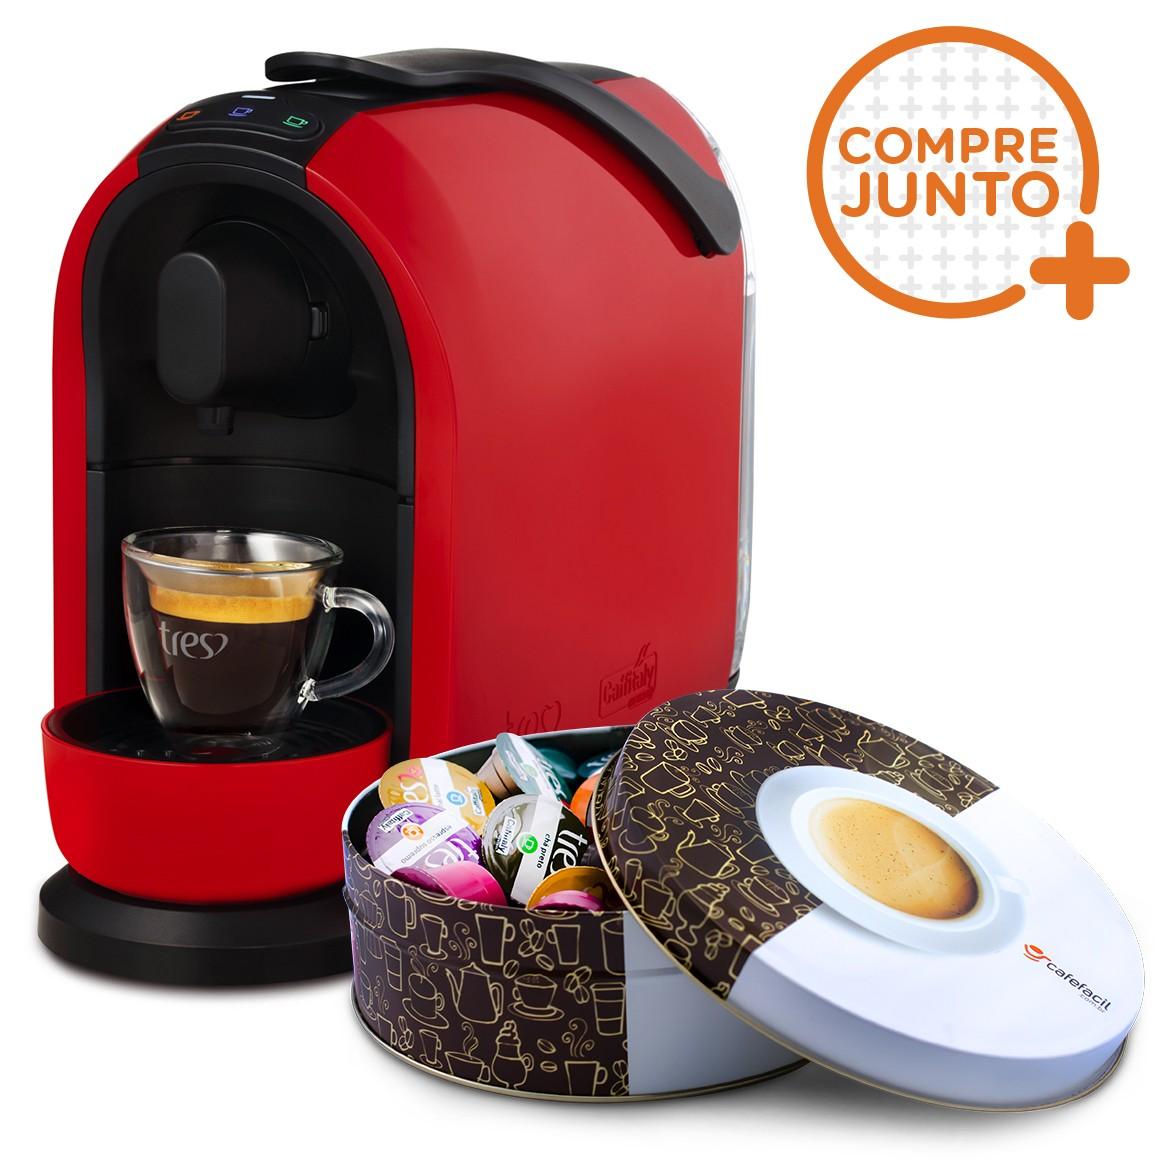 Cafeteira Expresso Três Corações Mimo Vermelha 110v + Lata Café Fácil com 36 Cápsulas Três Corações